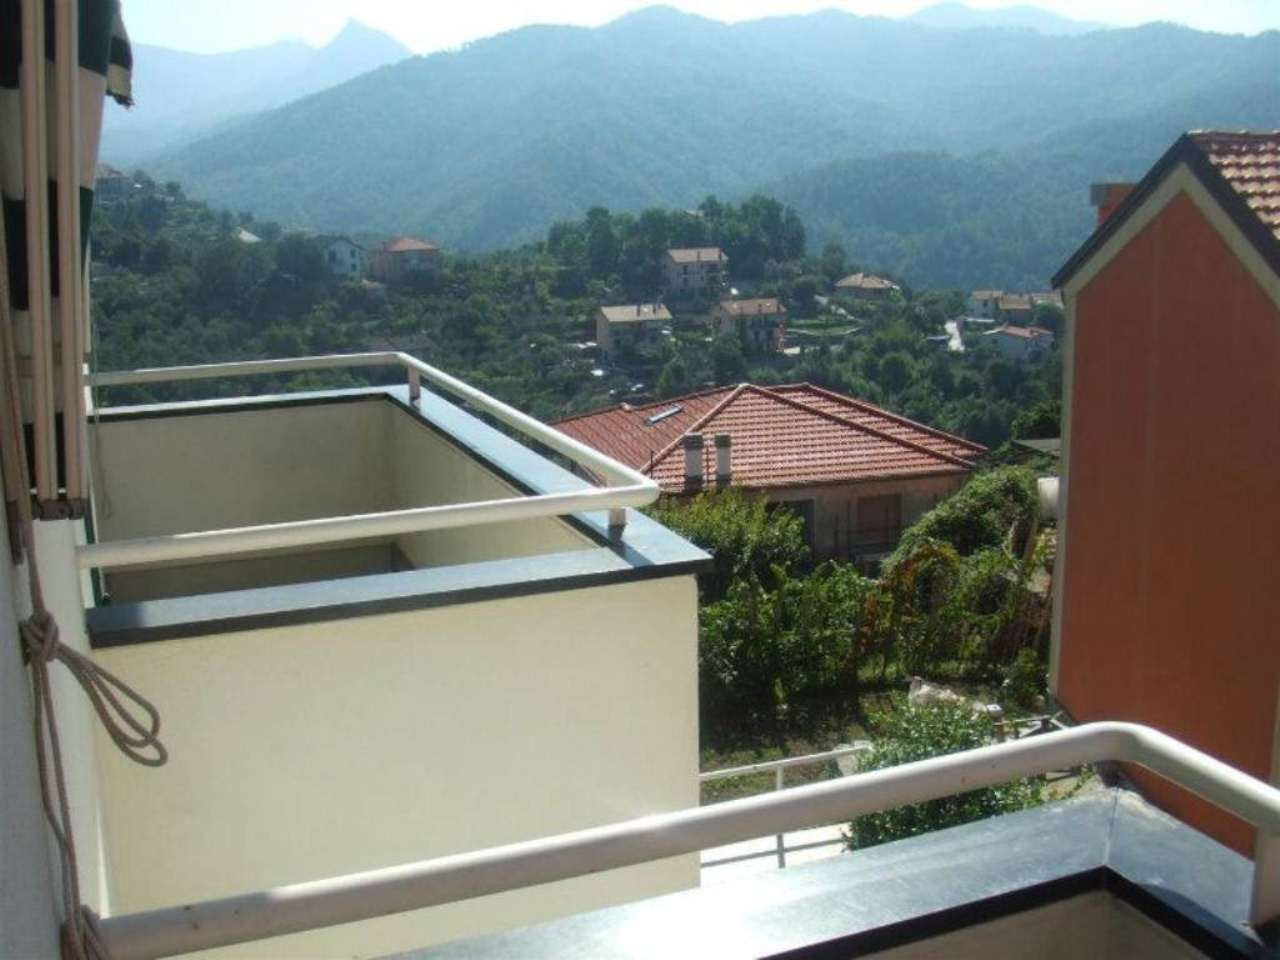 Villa Bifamiliare in vendita a Castiglione Chiavarese, 10 locali, Trattative riservate | Cambio Casa.it